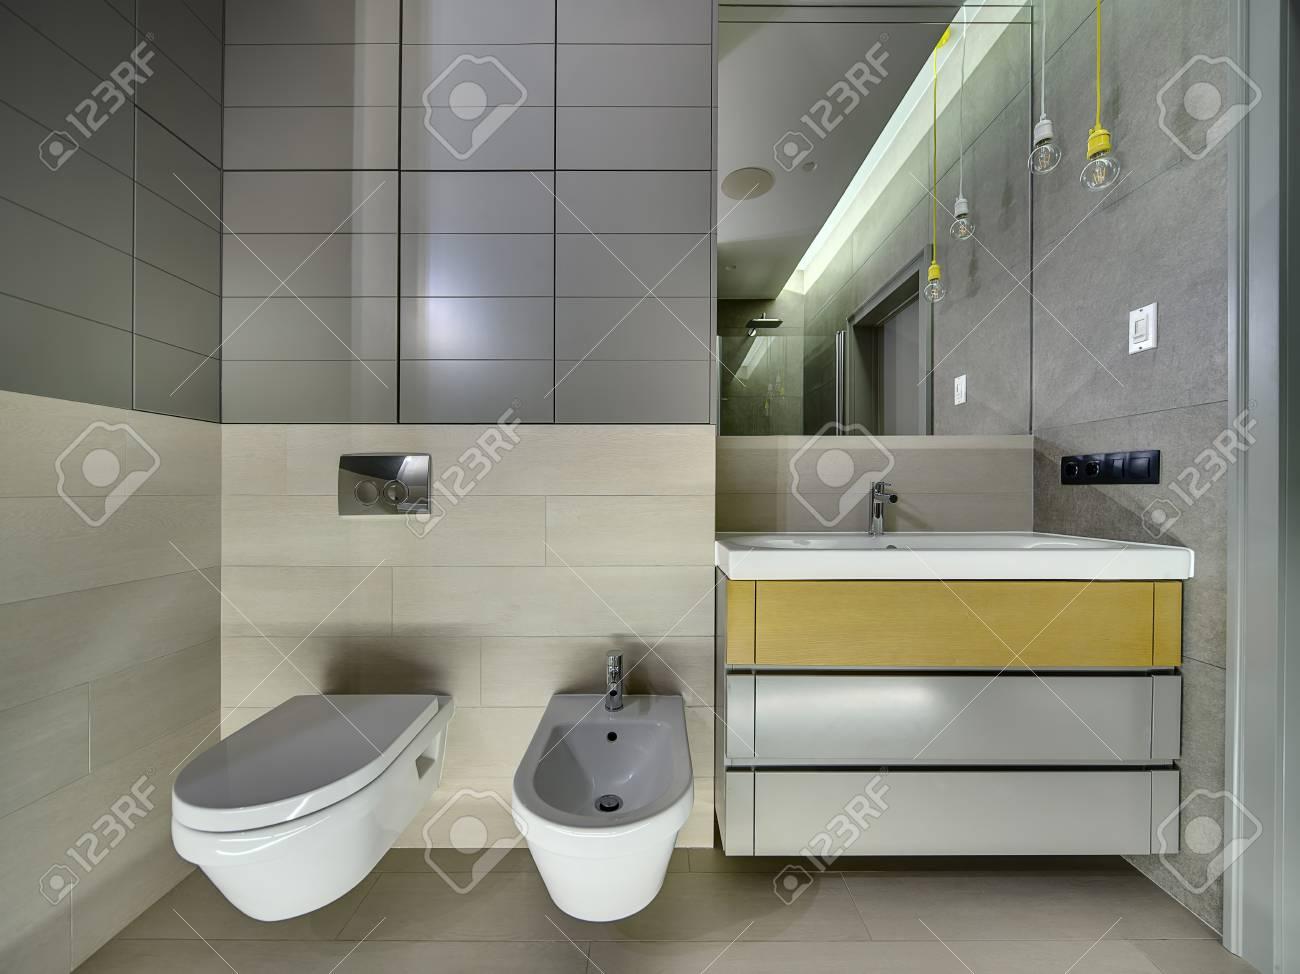 Bagno moderno con piastrelle sulle pareti e sul pavimento. cè un